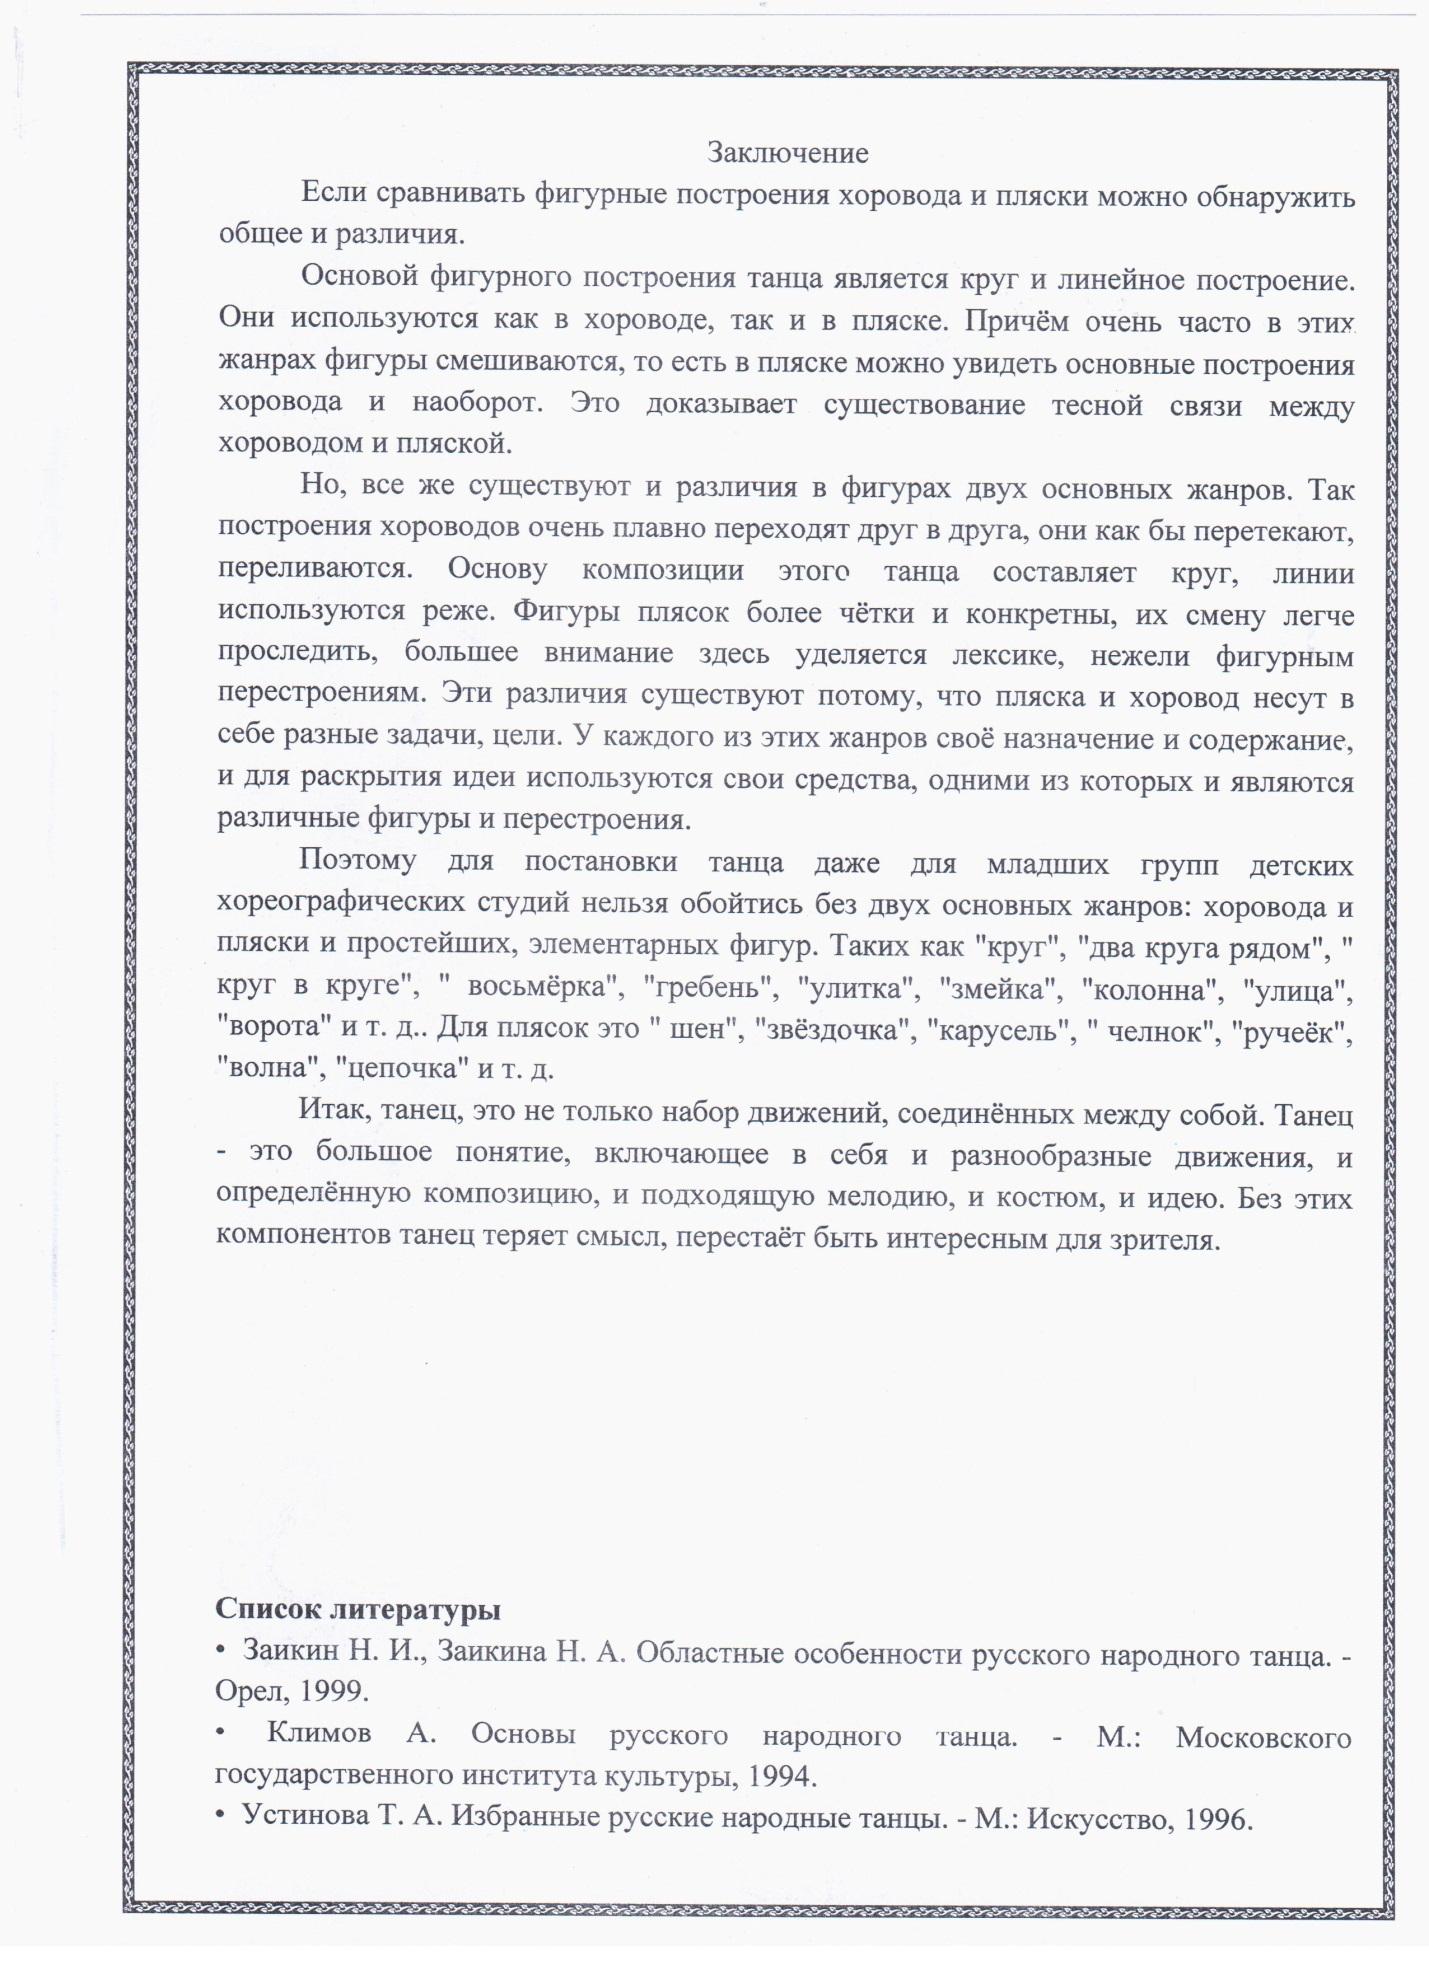 E:\доклад русский танец и еев иды\10.jpeg